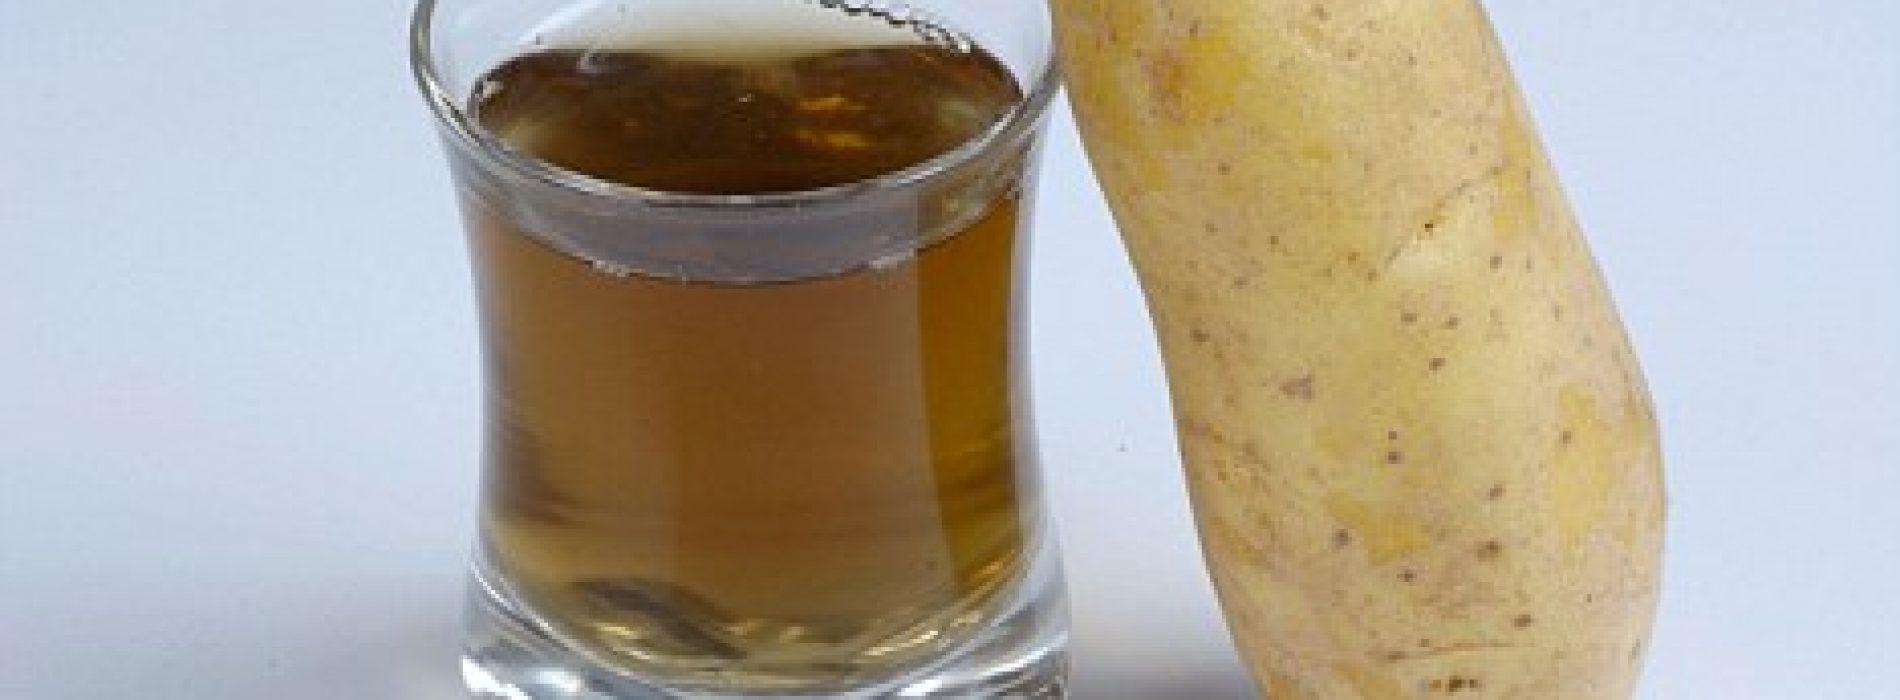 Aardappel Sap: een remedie voor enkele van de meest ernstige ziekten